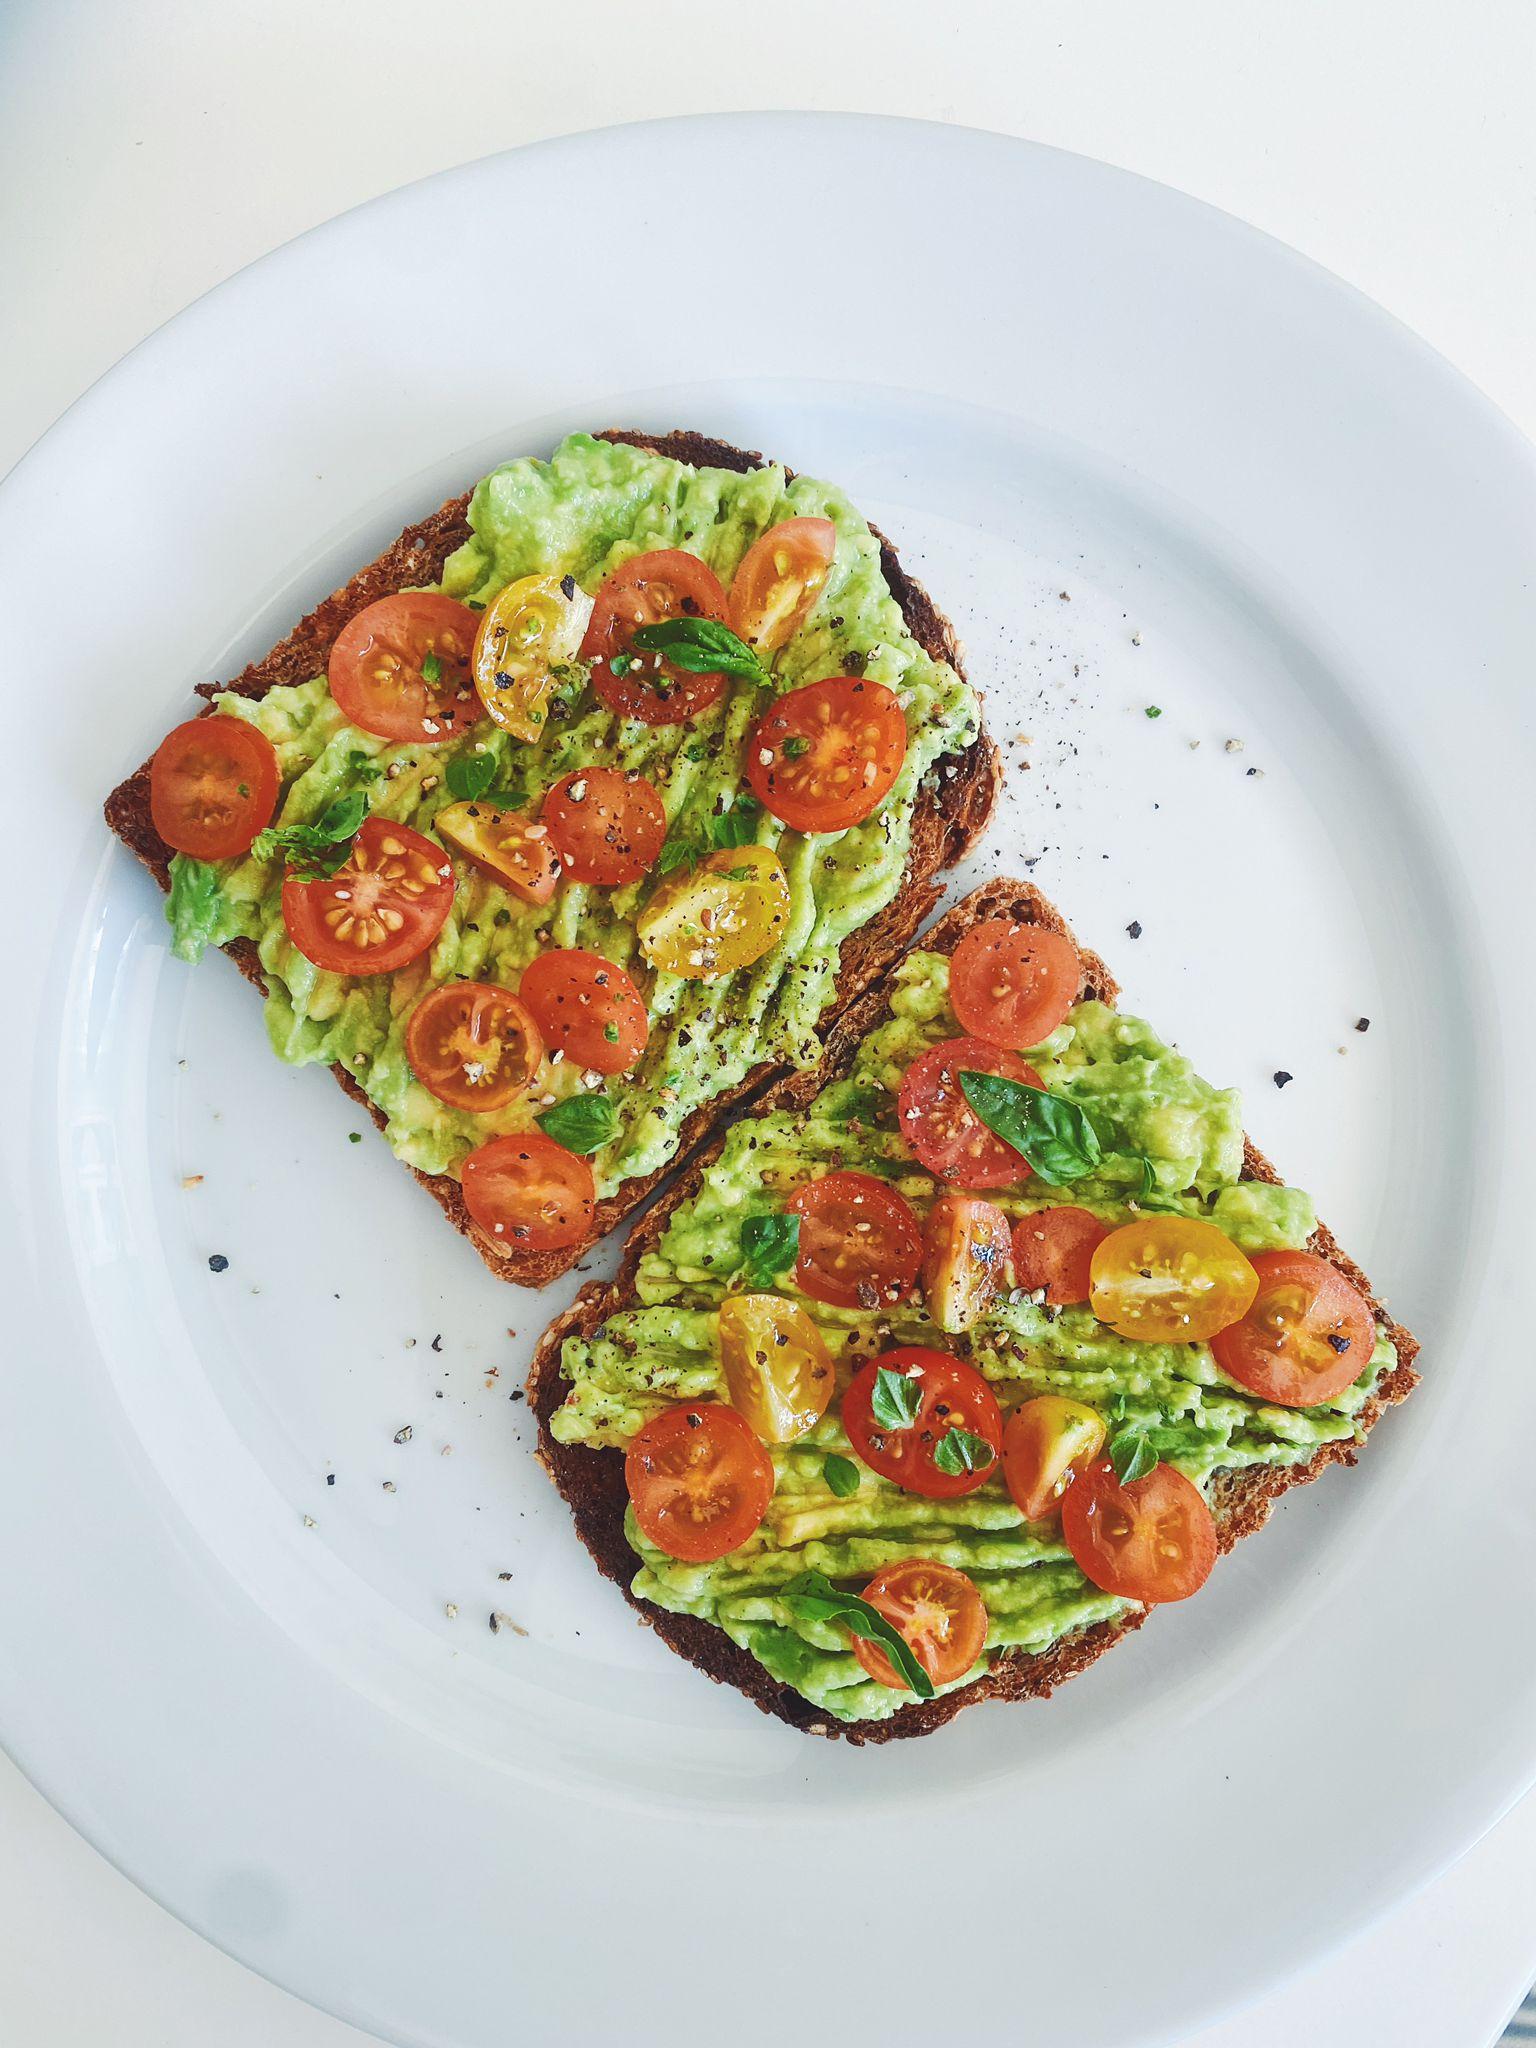 a melhor tosta de abacate | please consider | joana limao